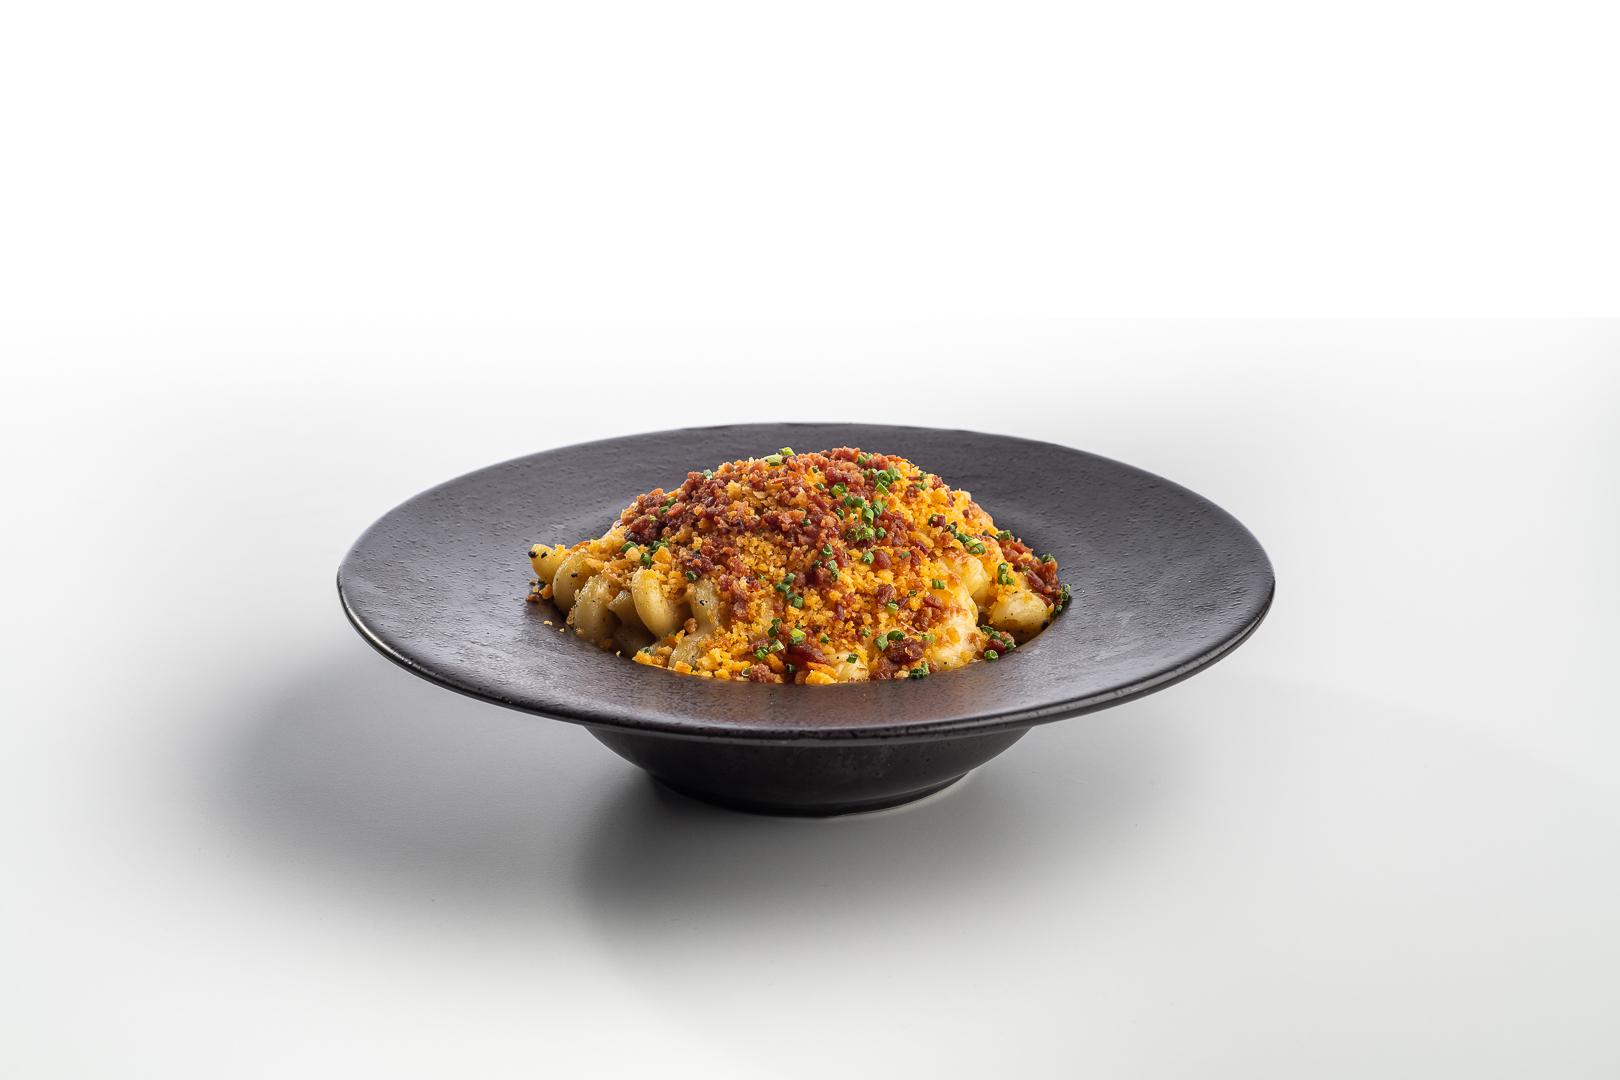 Charred Cauliflower Mac & Cheese